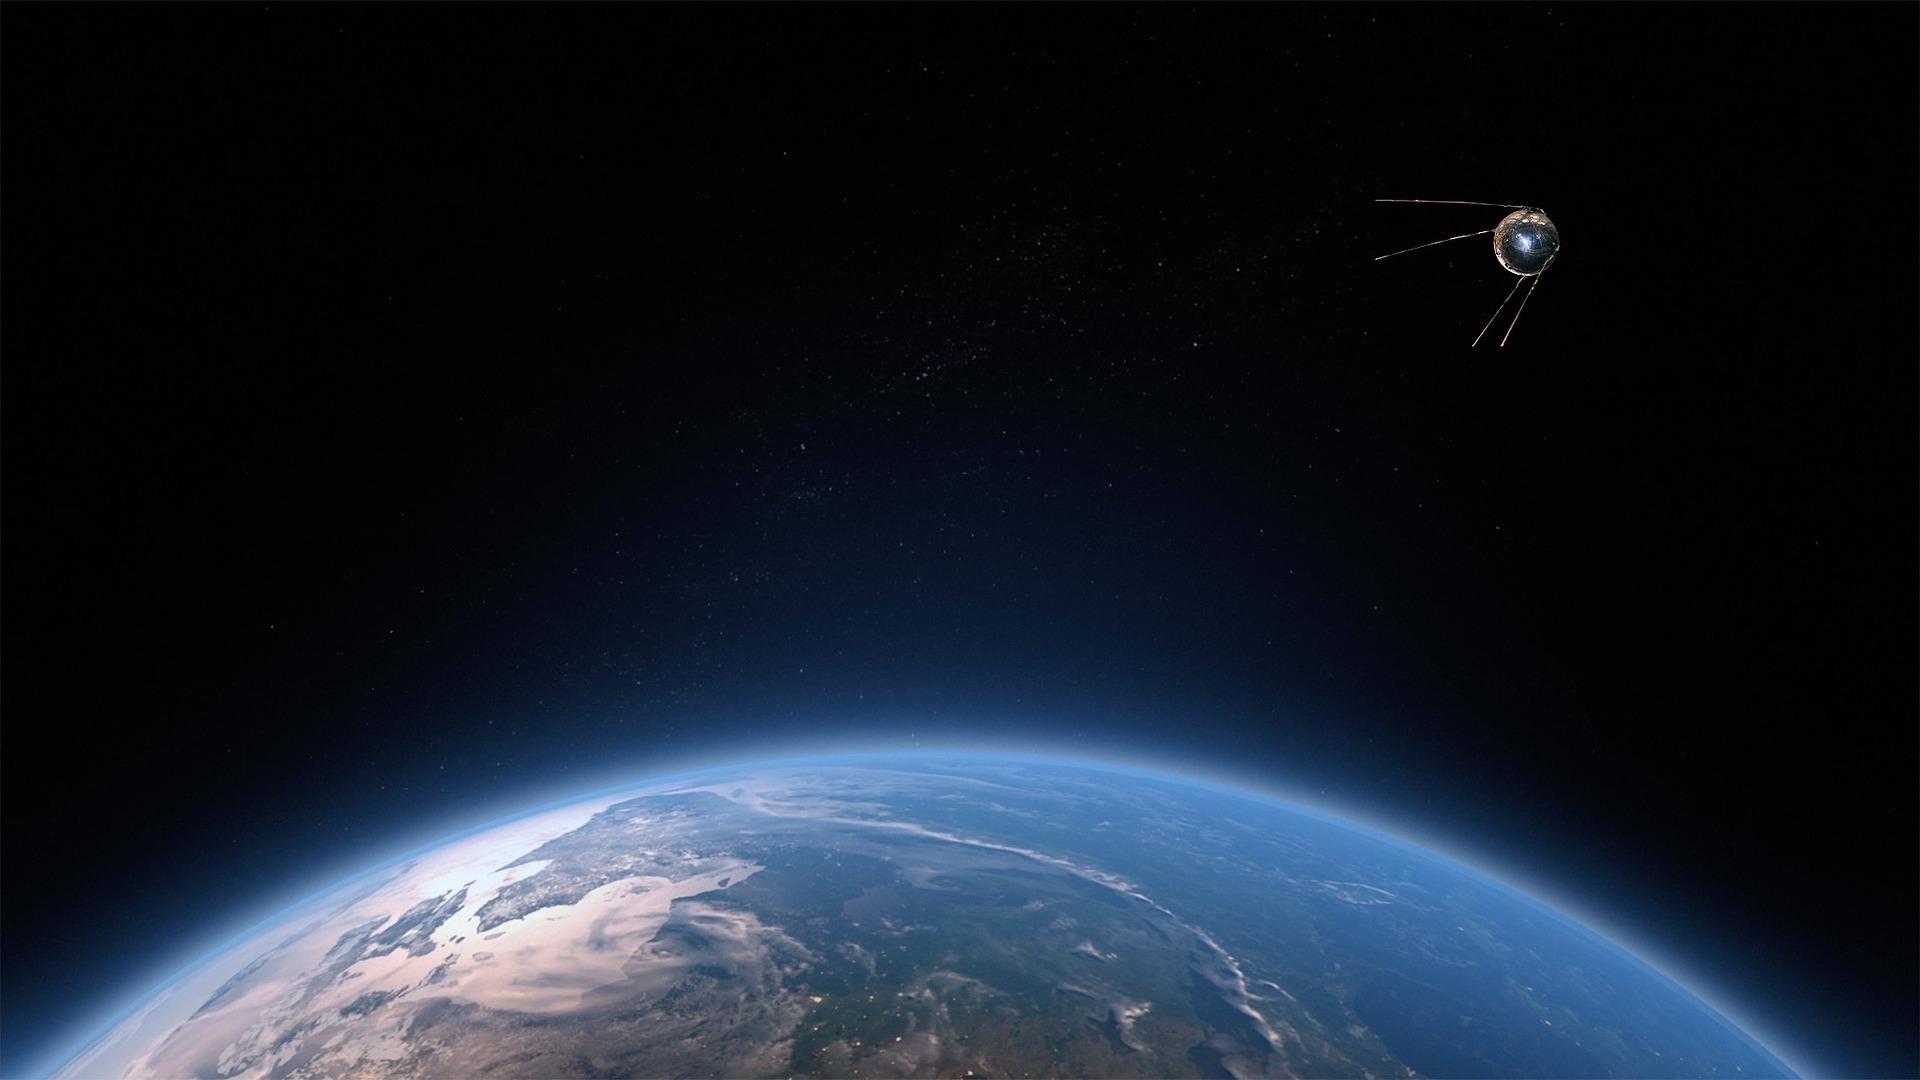 Российского «спутника-матрешки» испугались в США